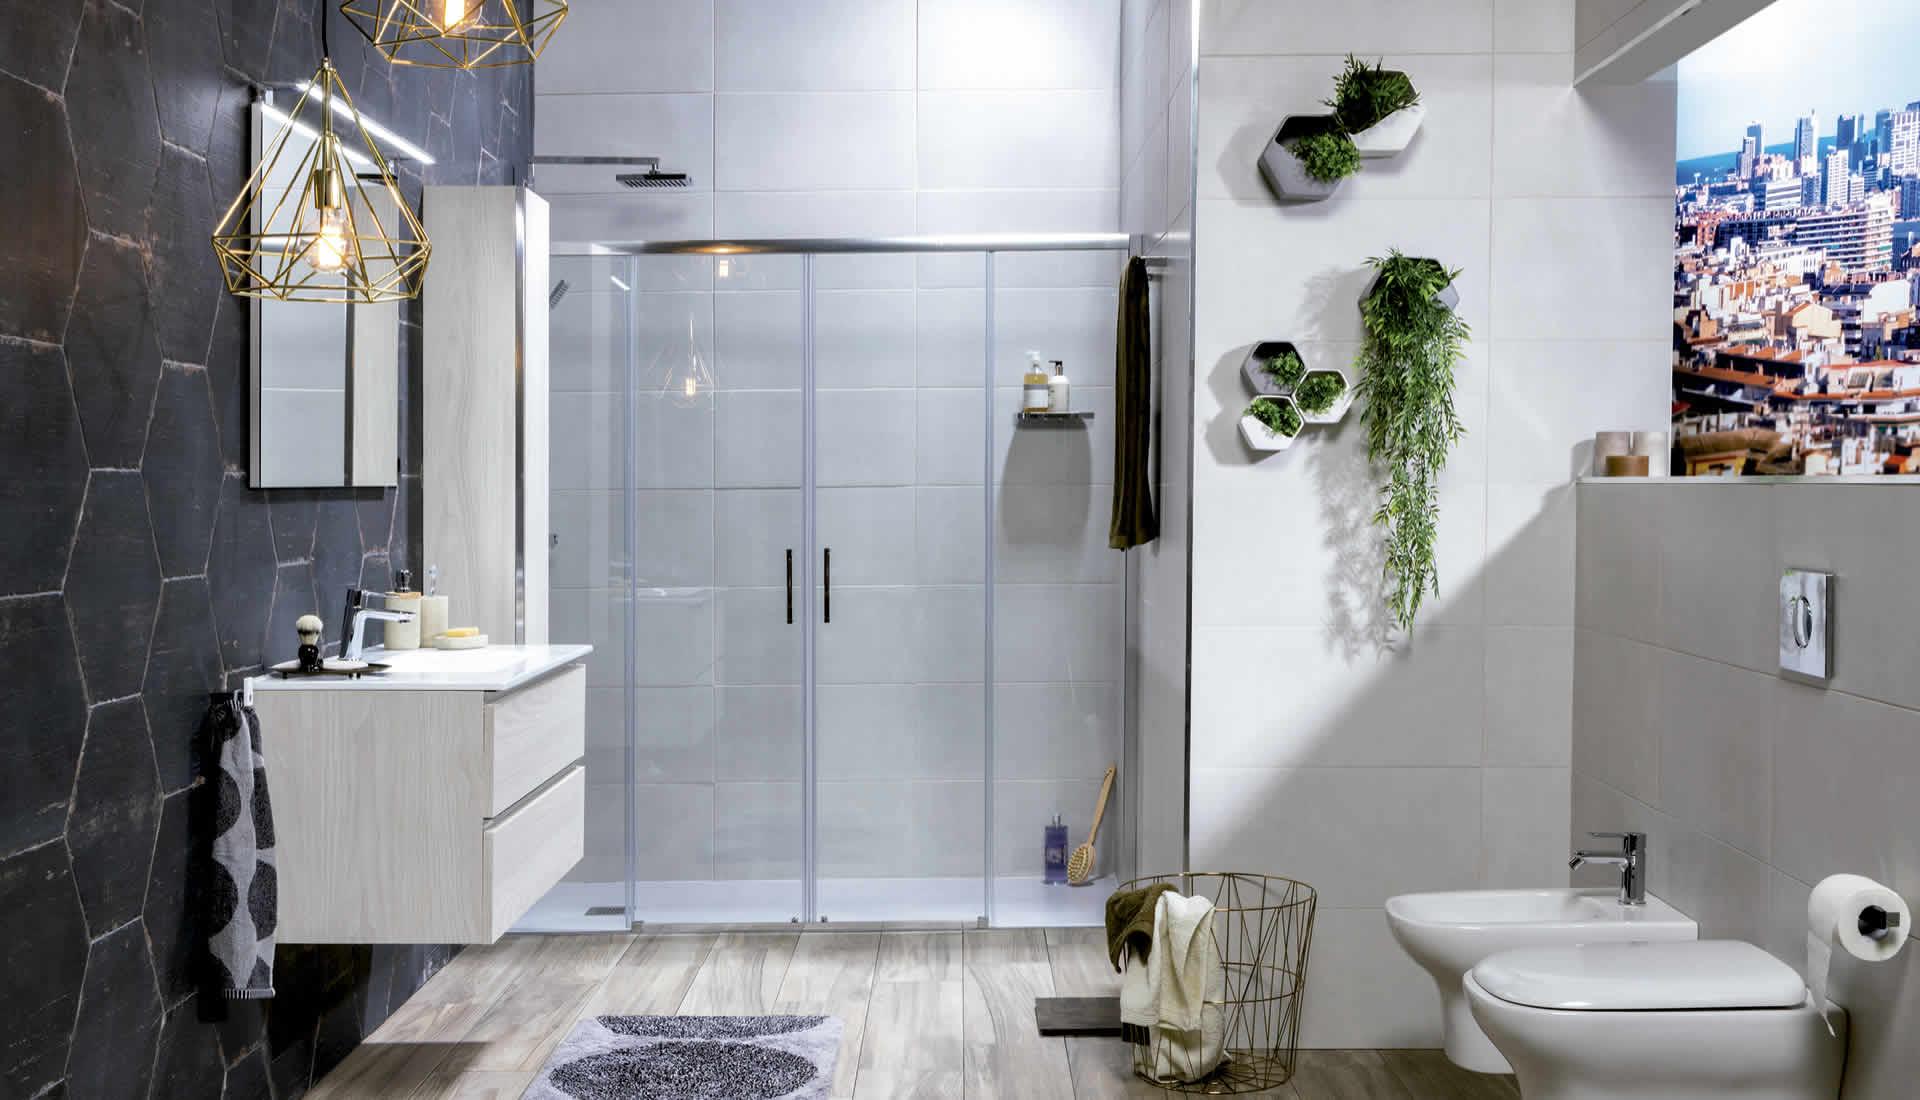 baños-inodoro-bidé-ducha-mampara-diseño-cerámica